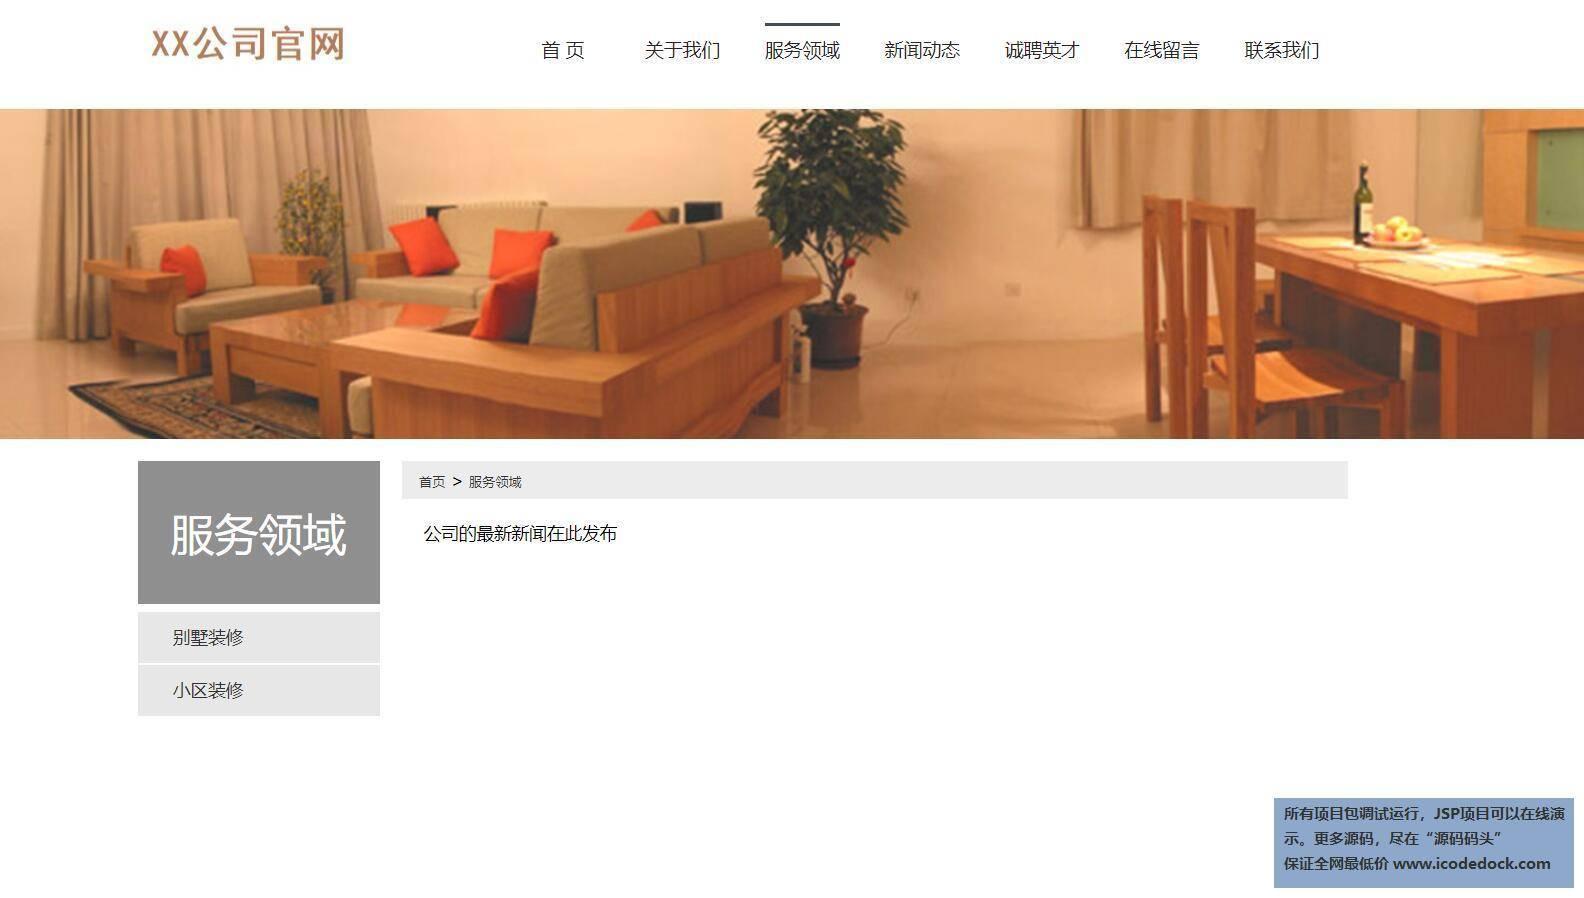 源码码头-SSM企业门户网站-用户角色-服务领域发布